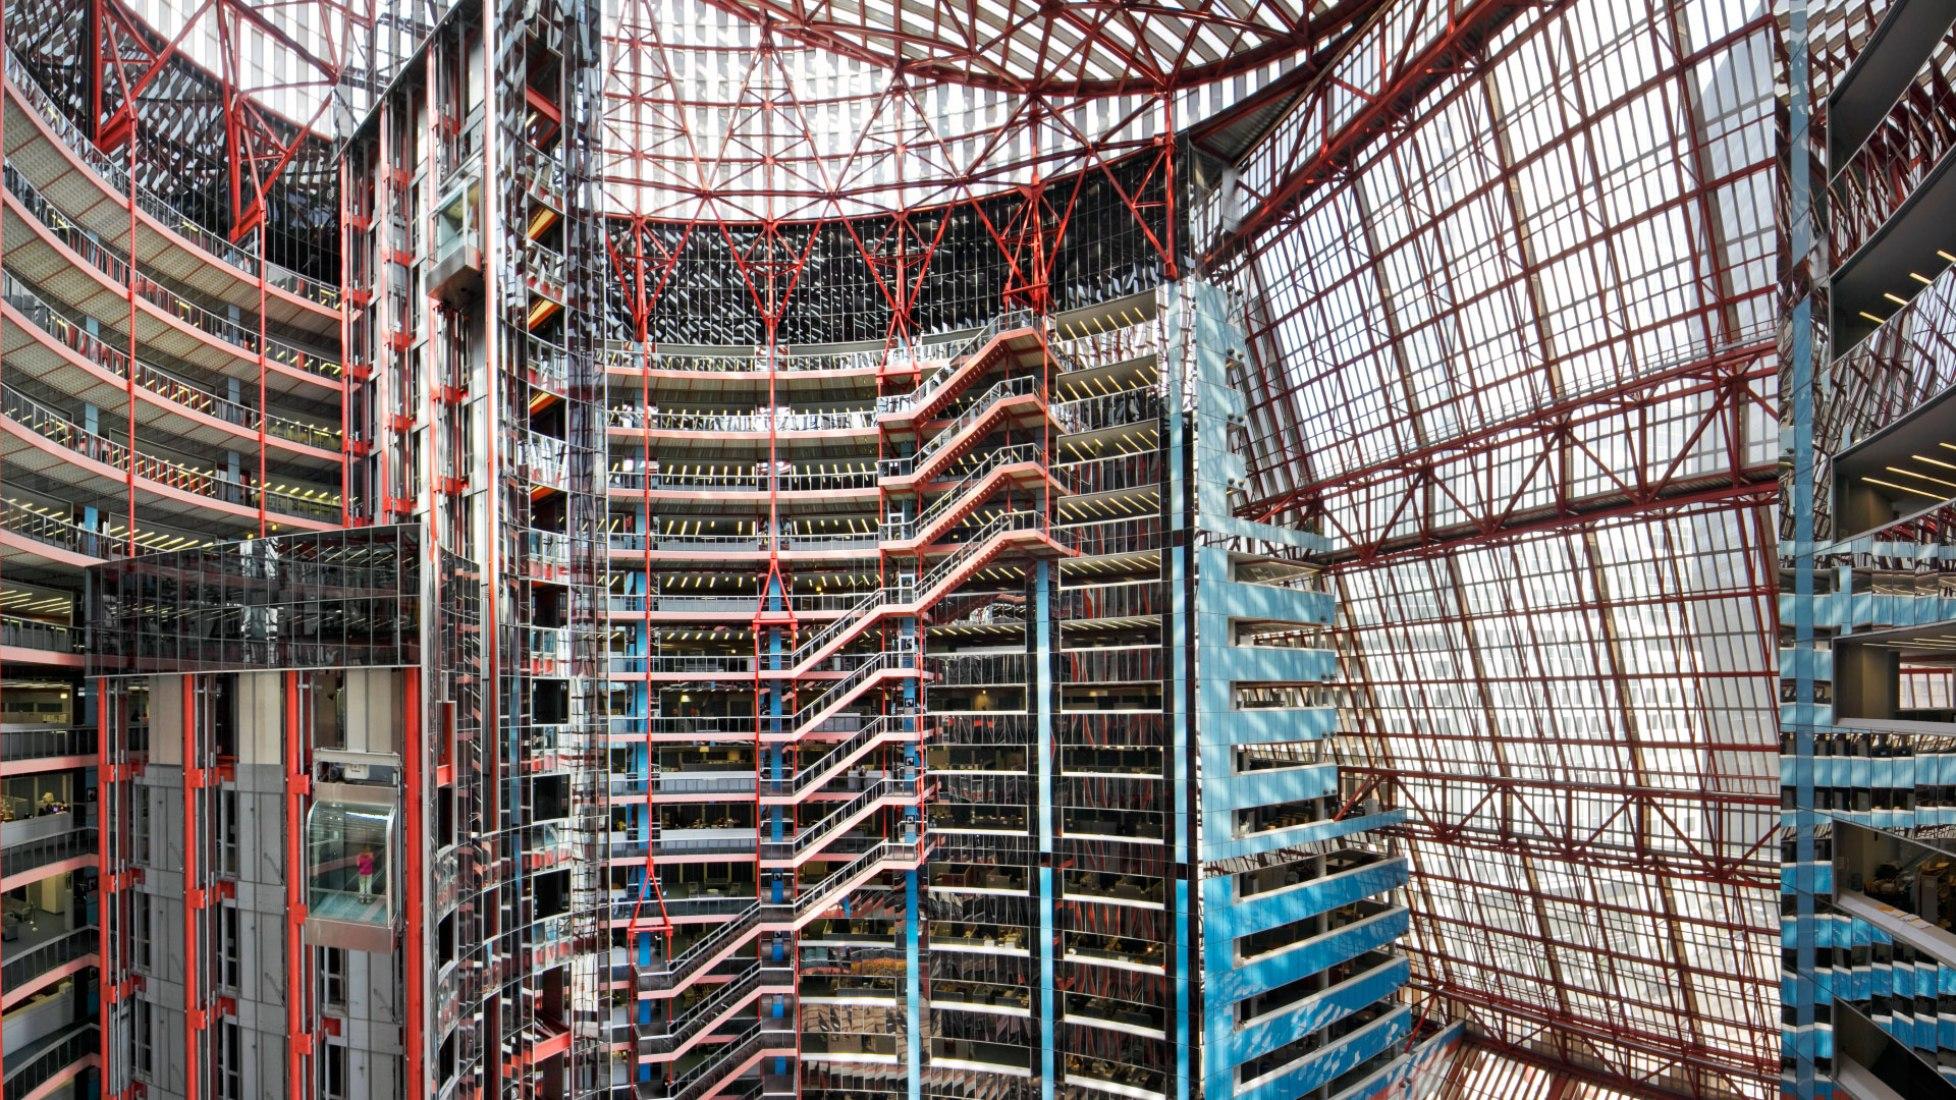 Thompson Center por Helmut Jahn. Fotografía por Rainer Viertlböck. Imagen cortesía de 2017 Chicago Architecture Biennial / Jahn Architects